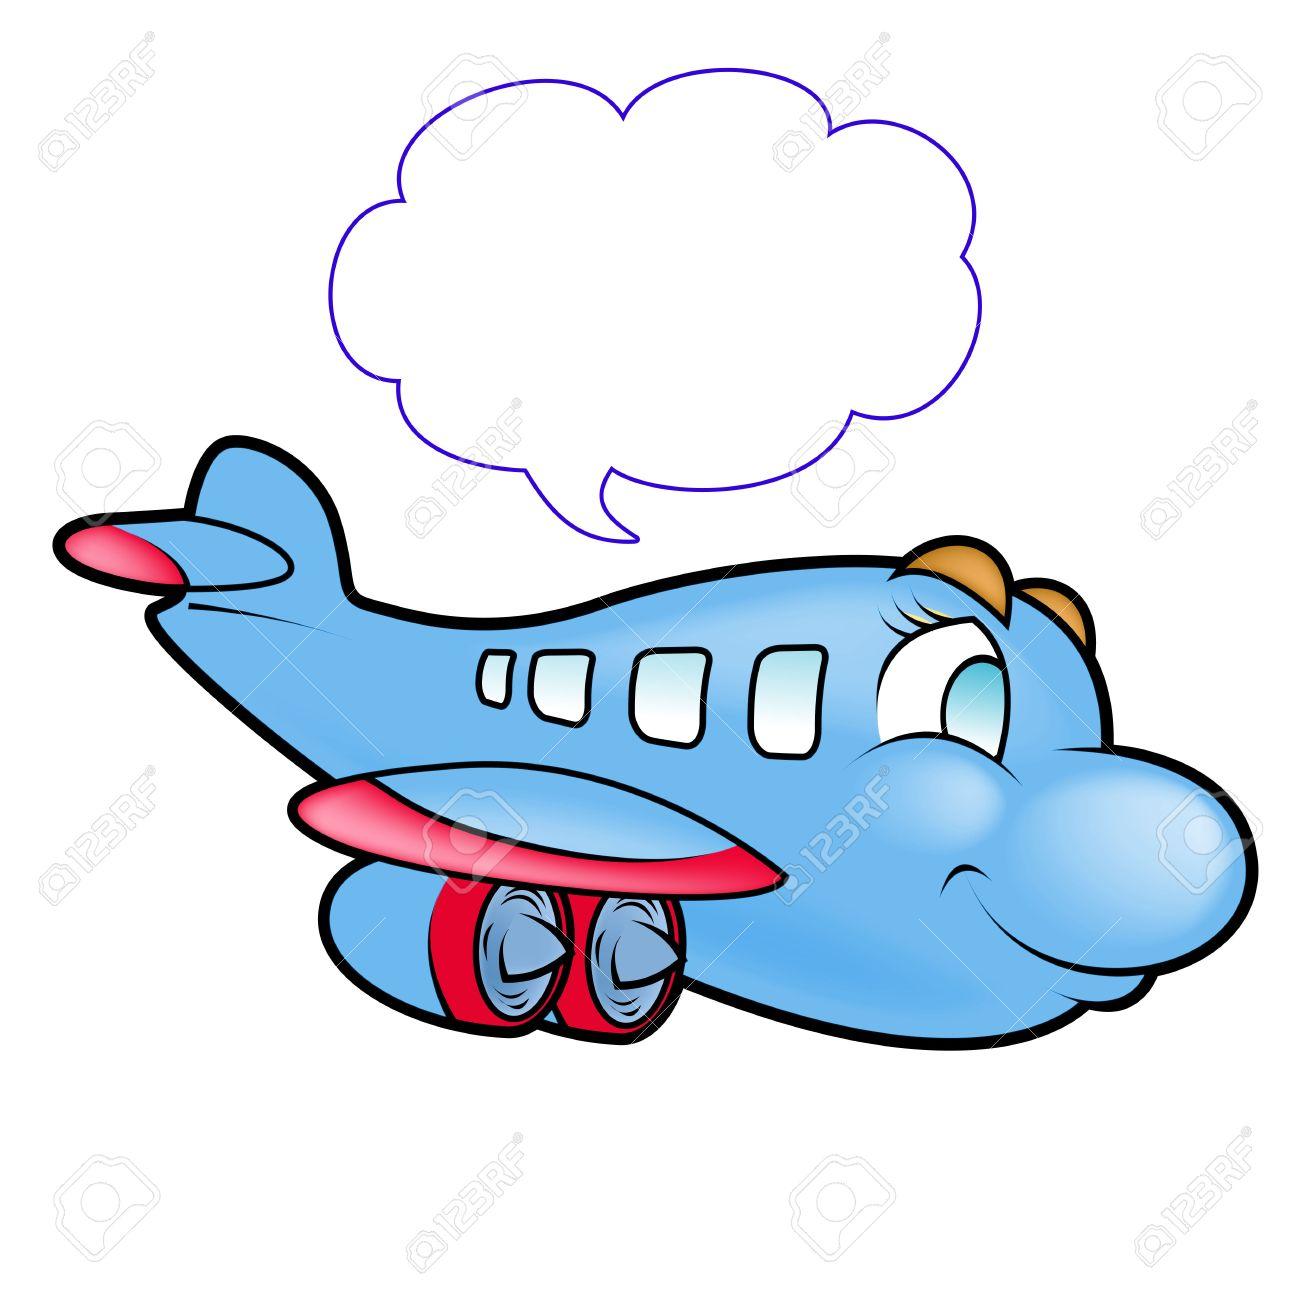 かわいい飛行機のイラスト の写真素材画像素材 Image 4329444